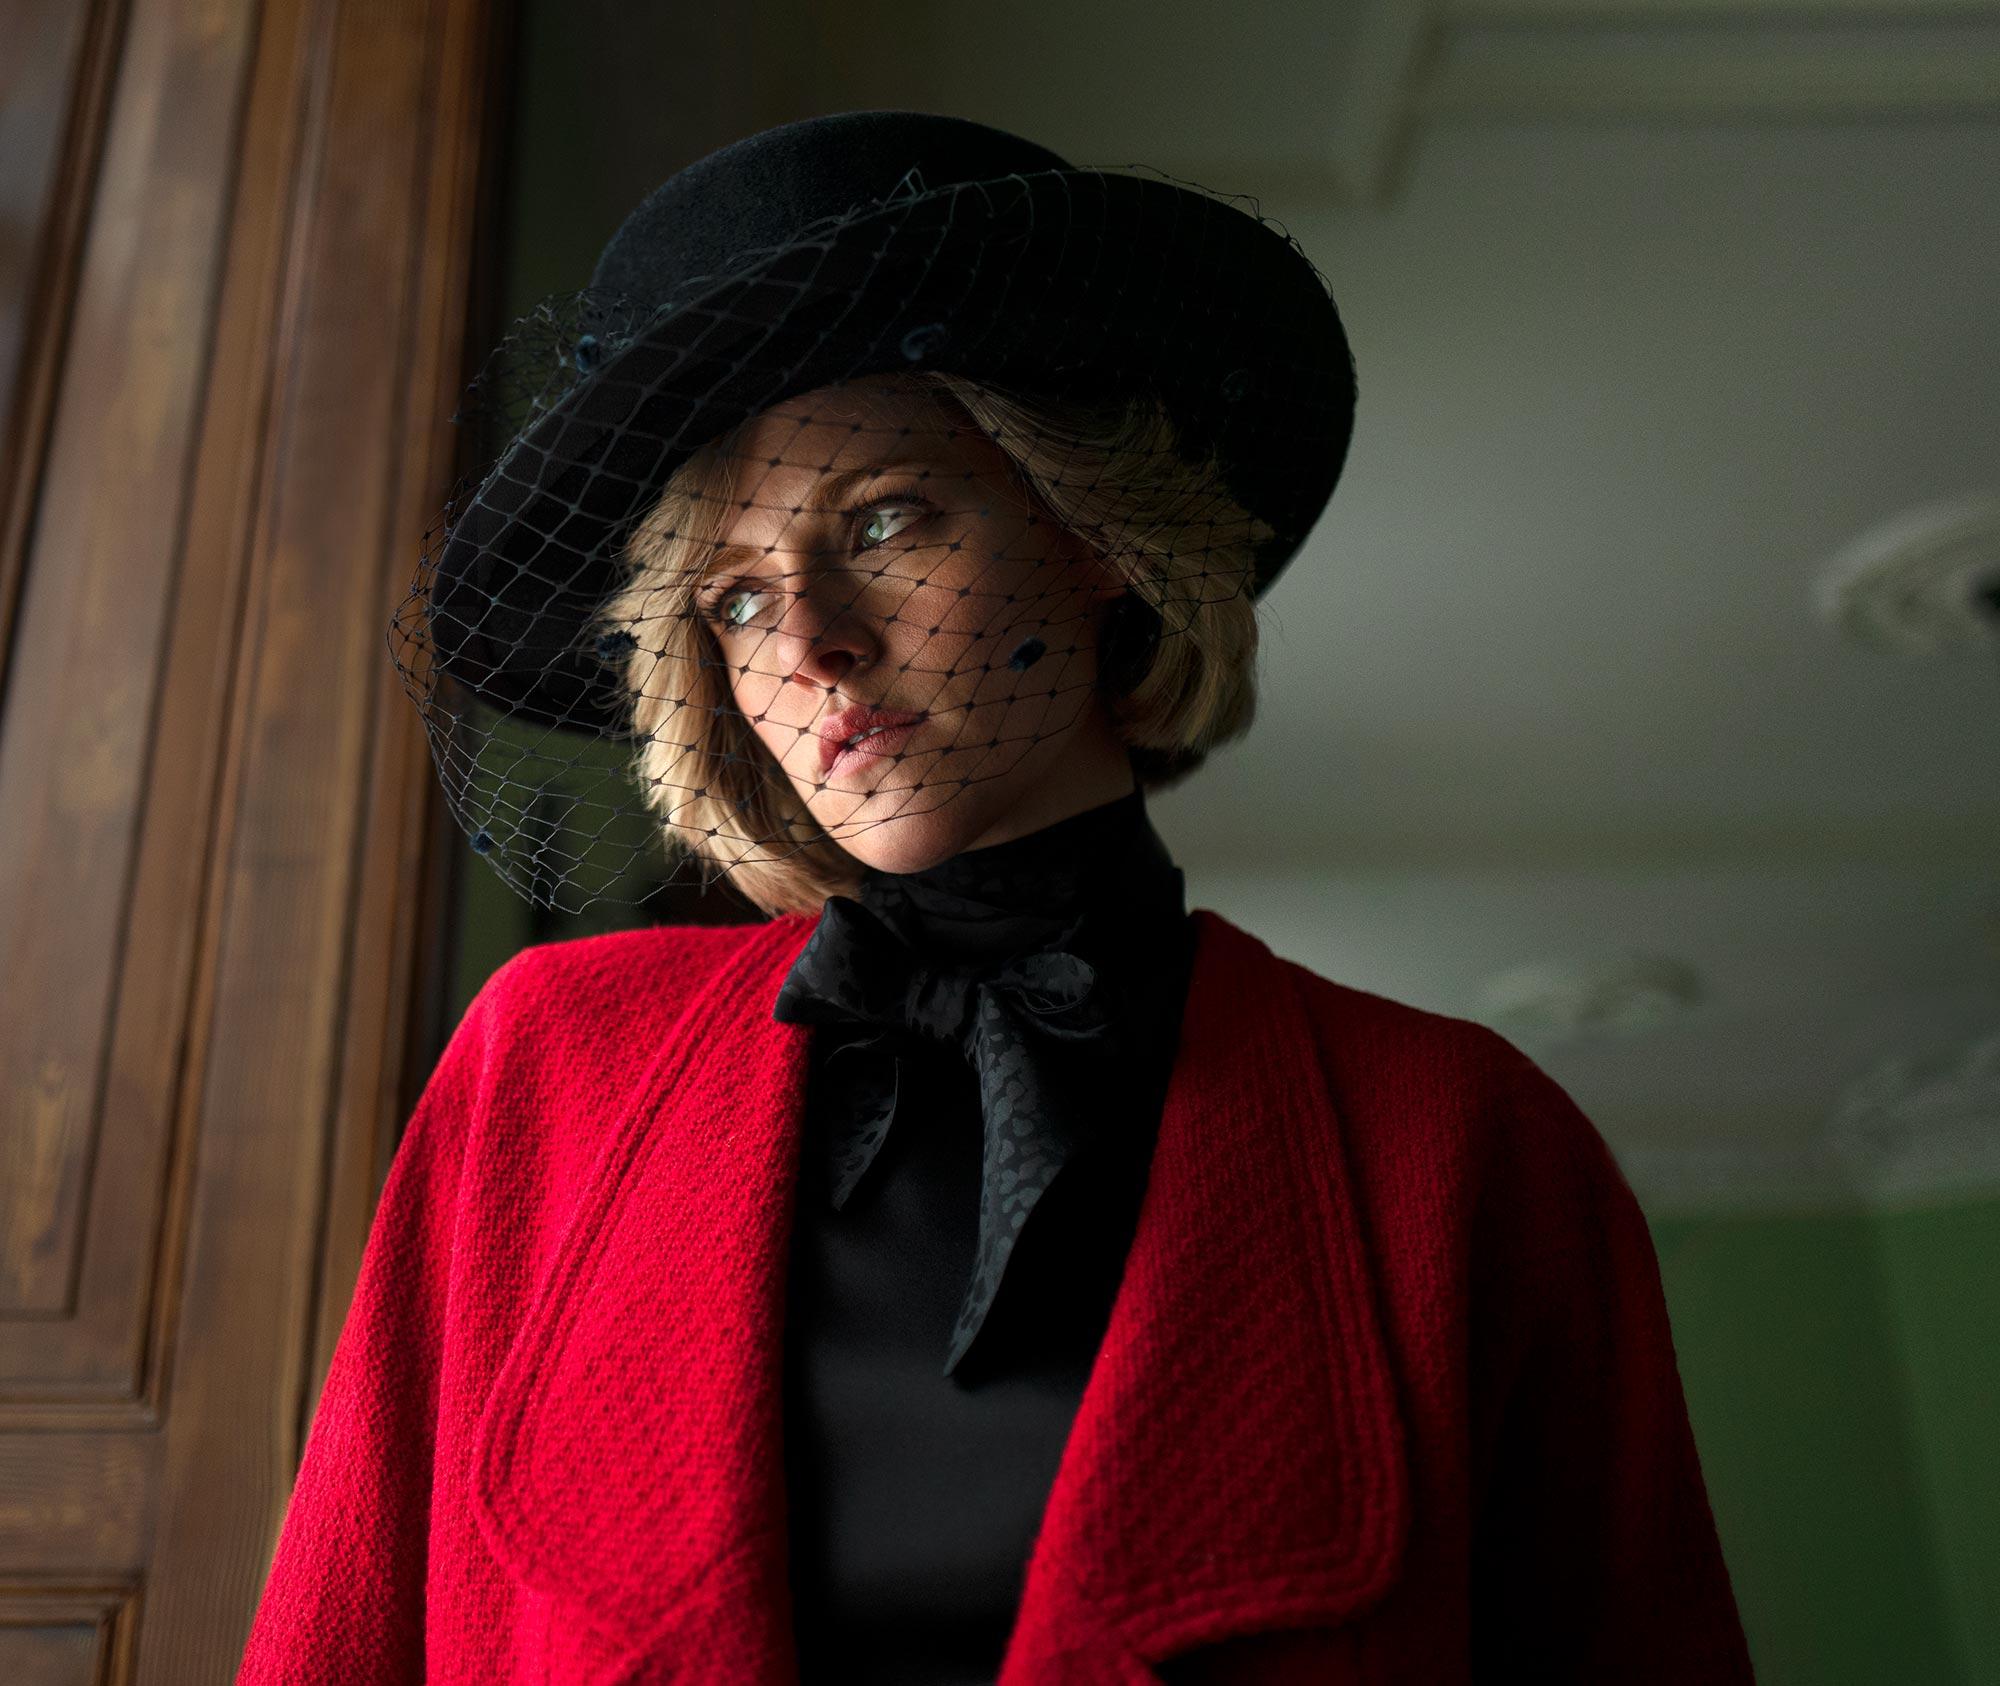 Кристен Стюарт принцесса Диана кадр Spencer